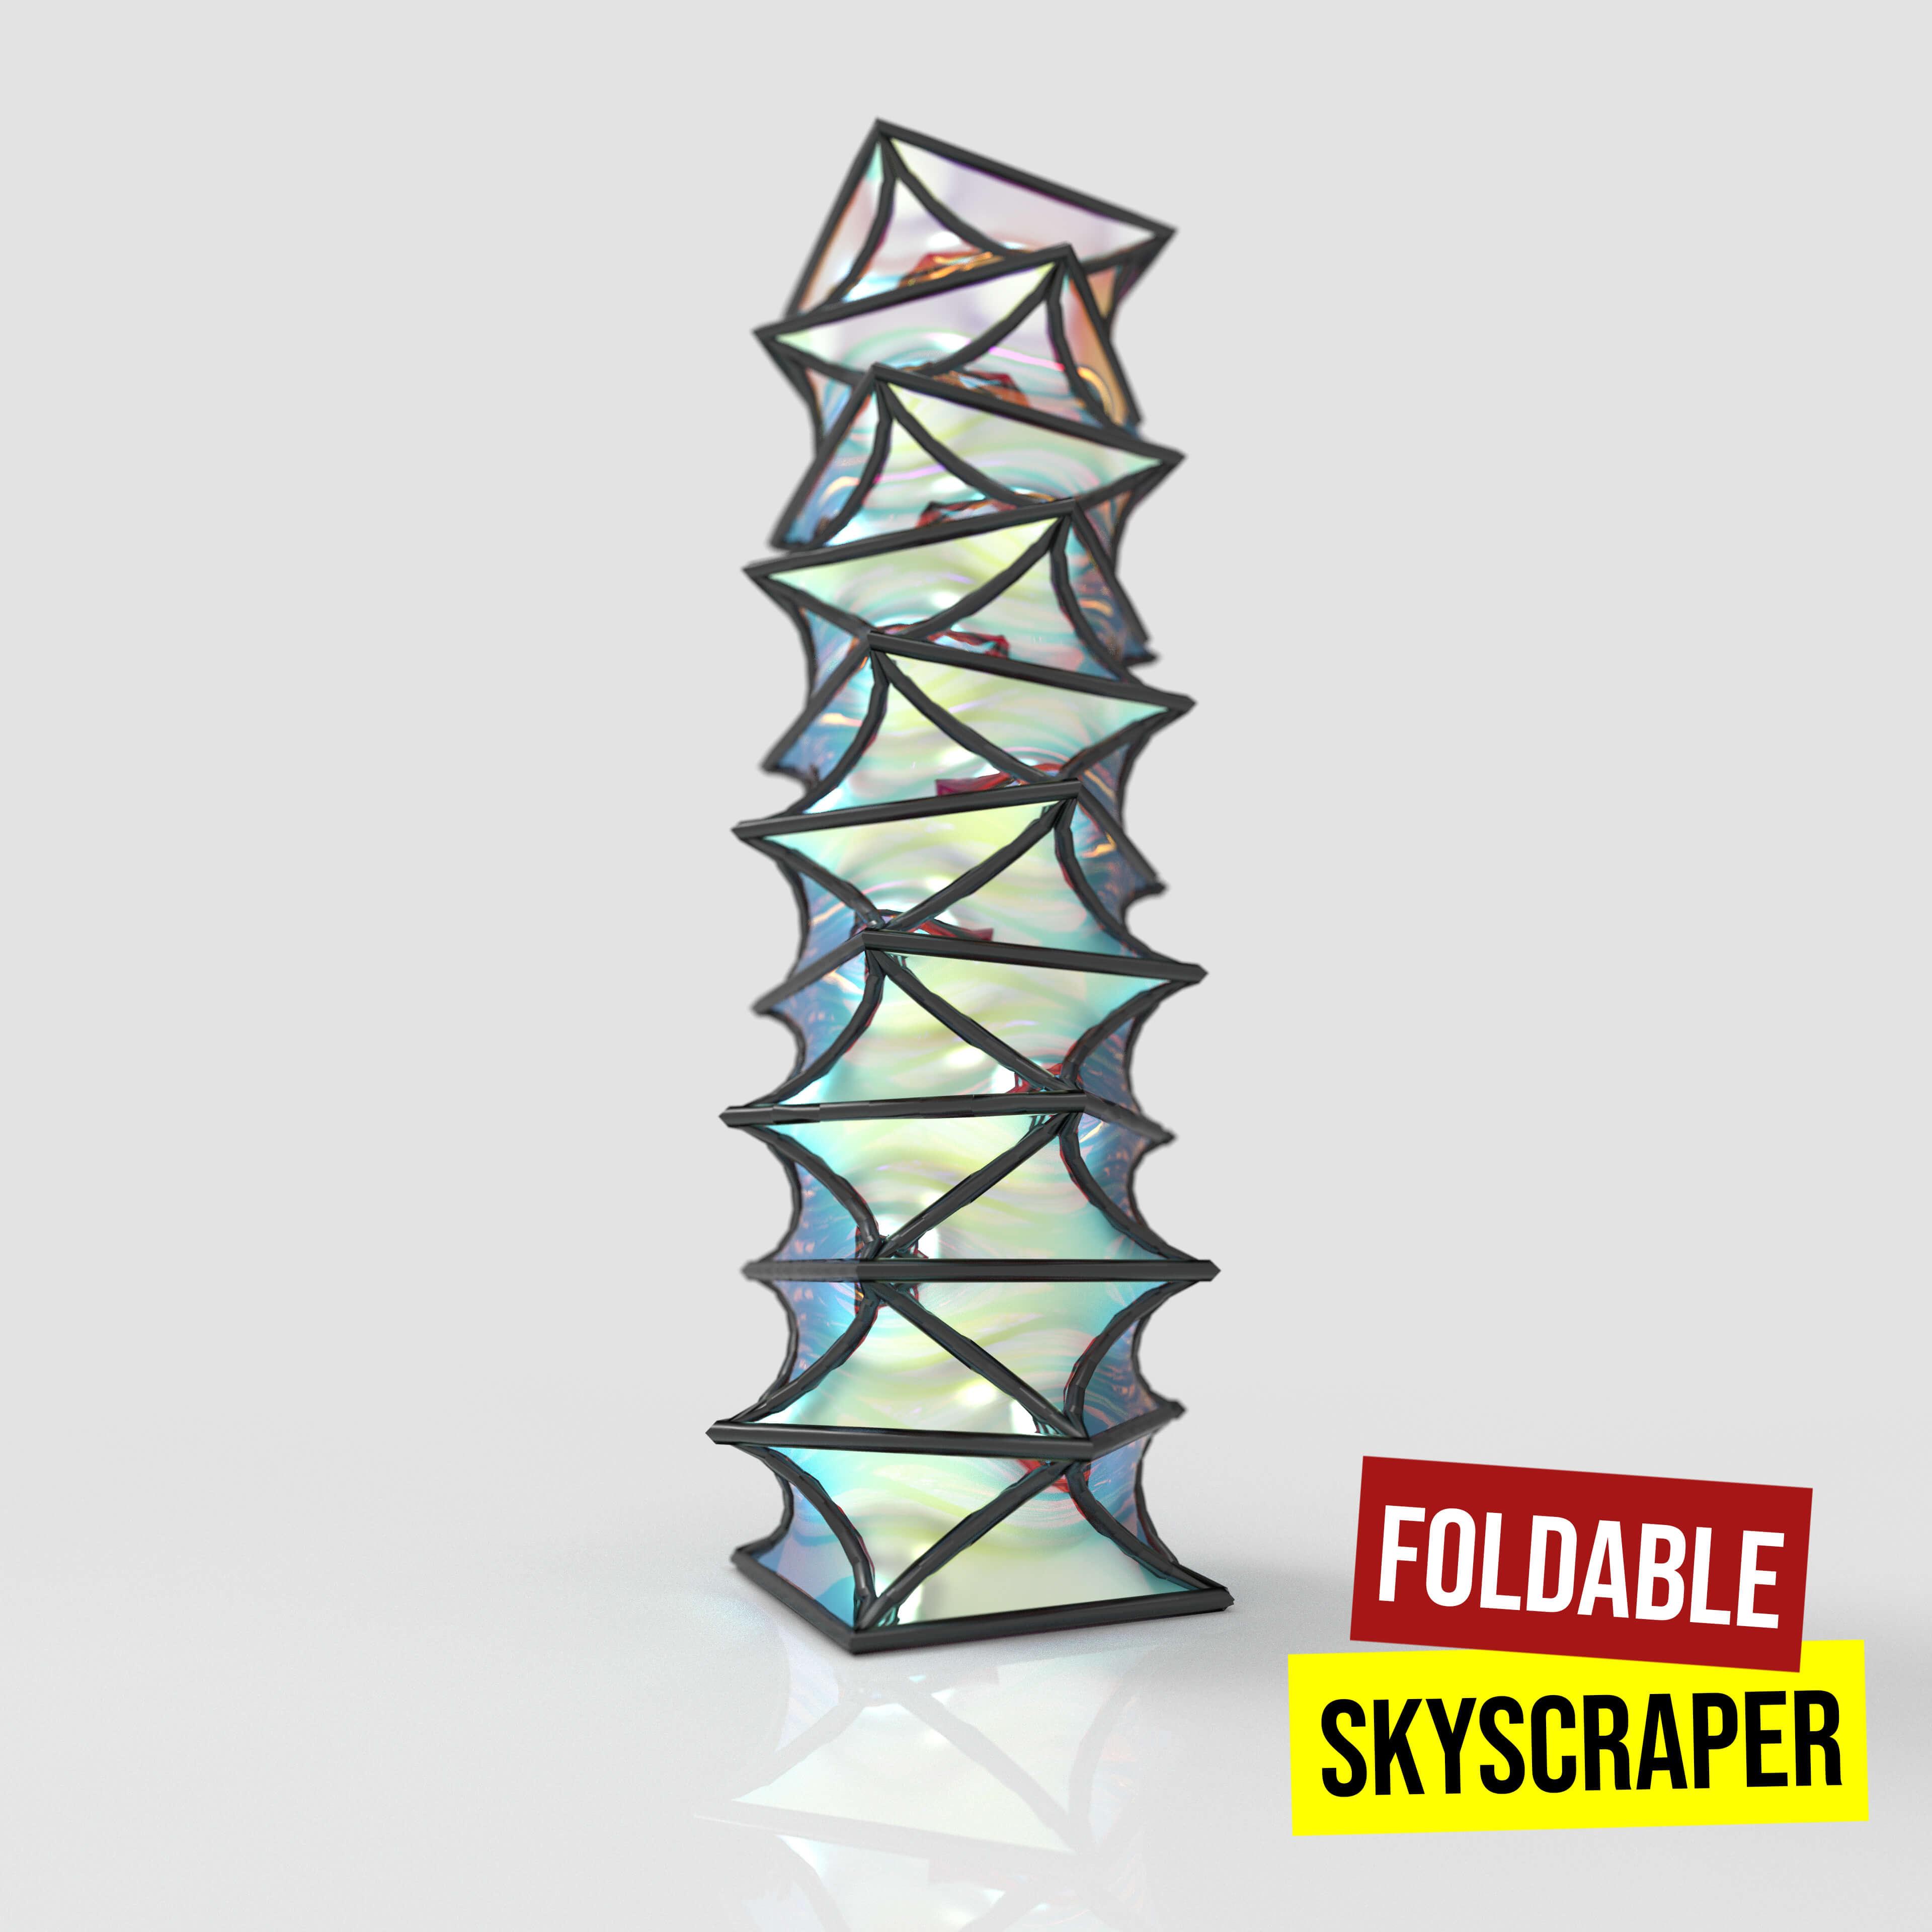 Foldable Skyscraper